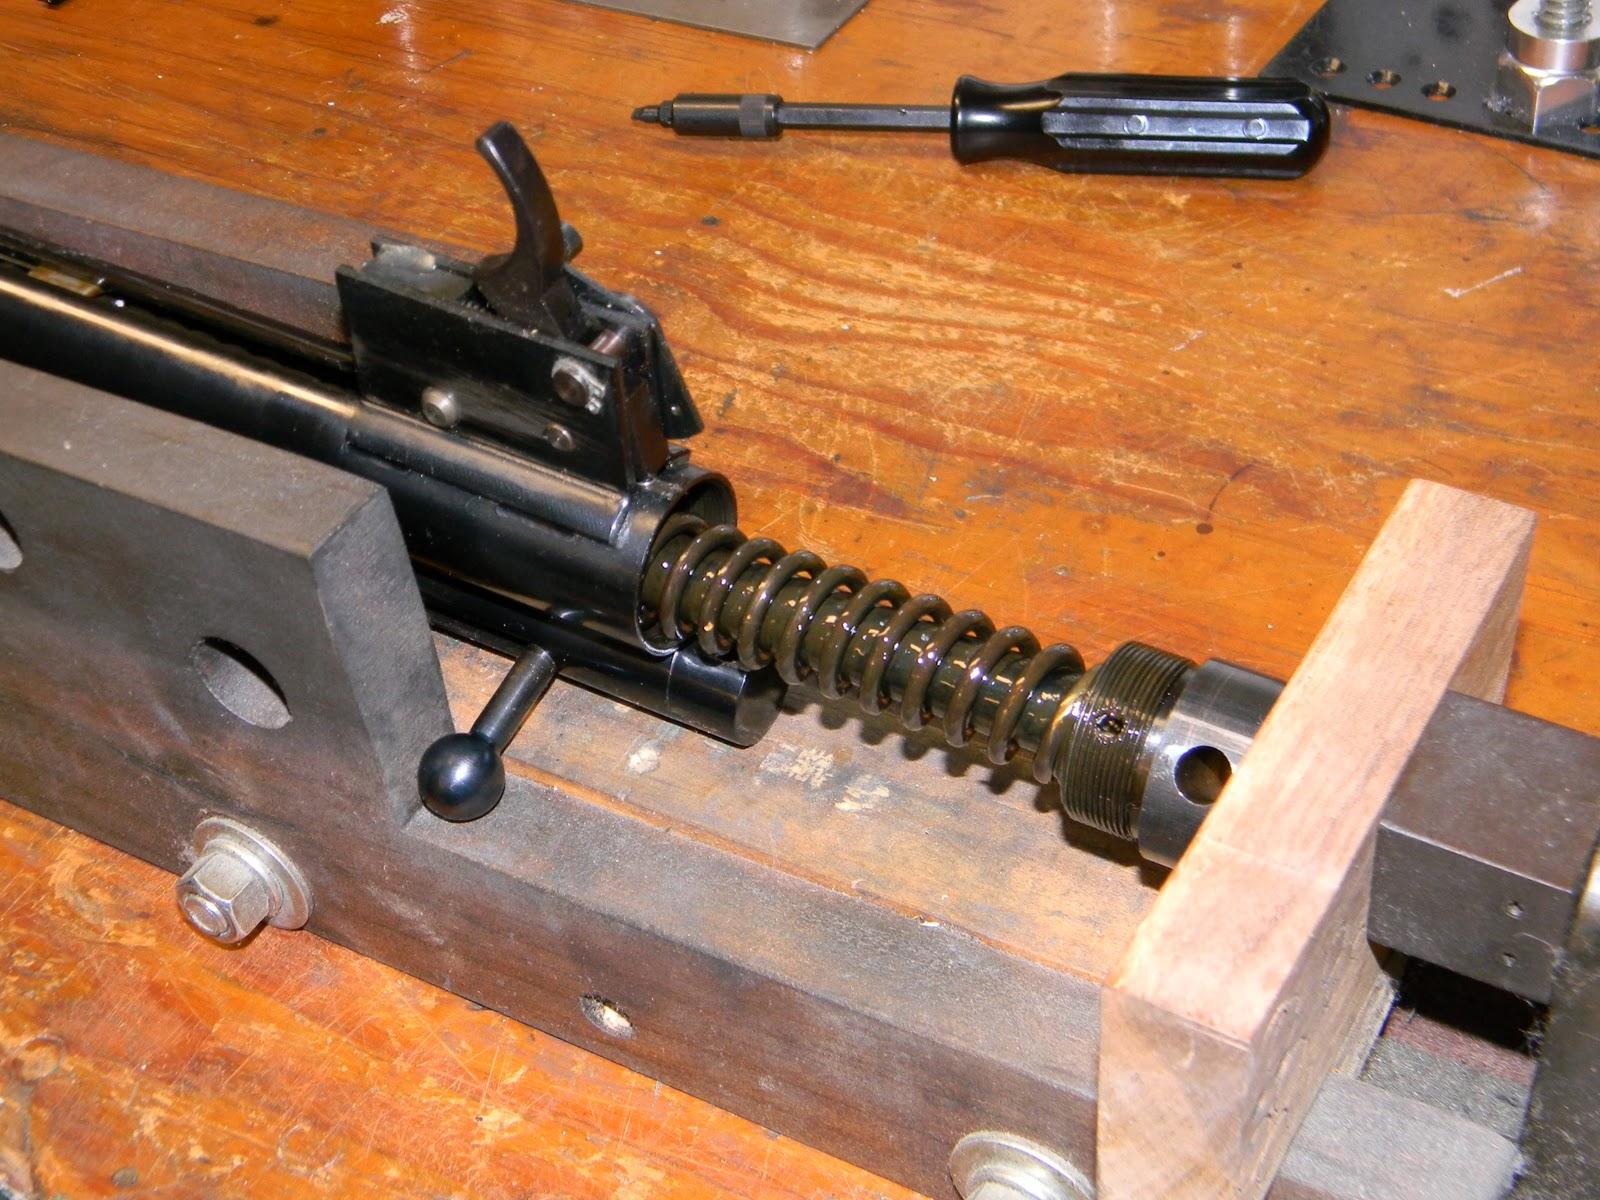 Valve Spring Compressor Bench Clarke Ssc1000 1tonne Strut